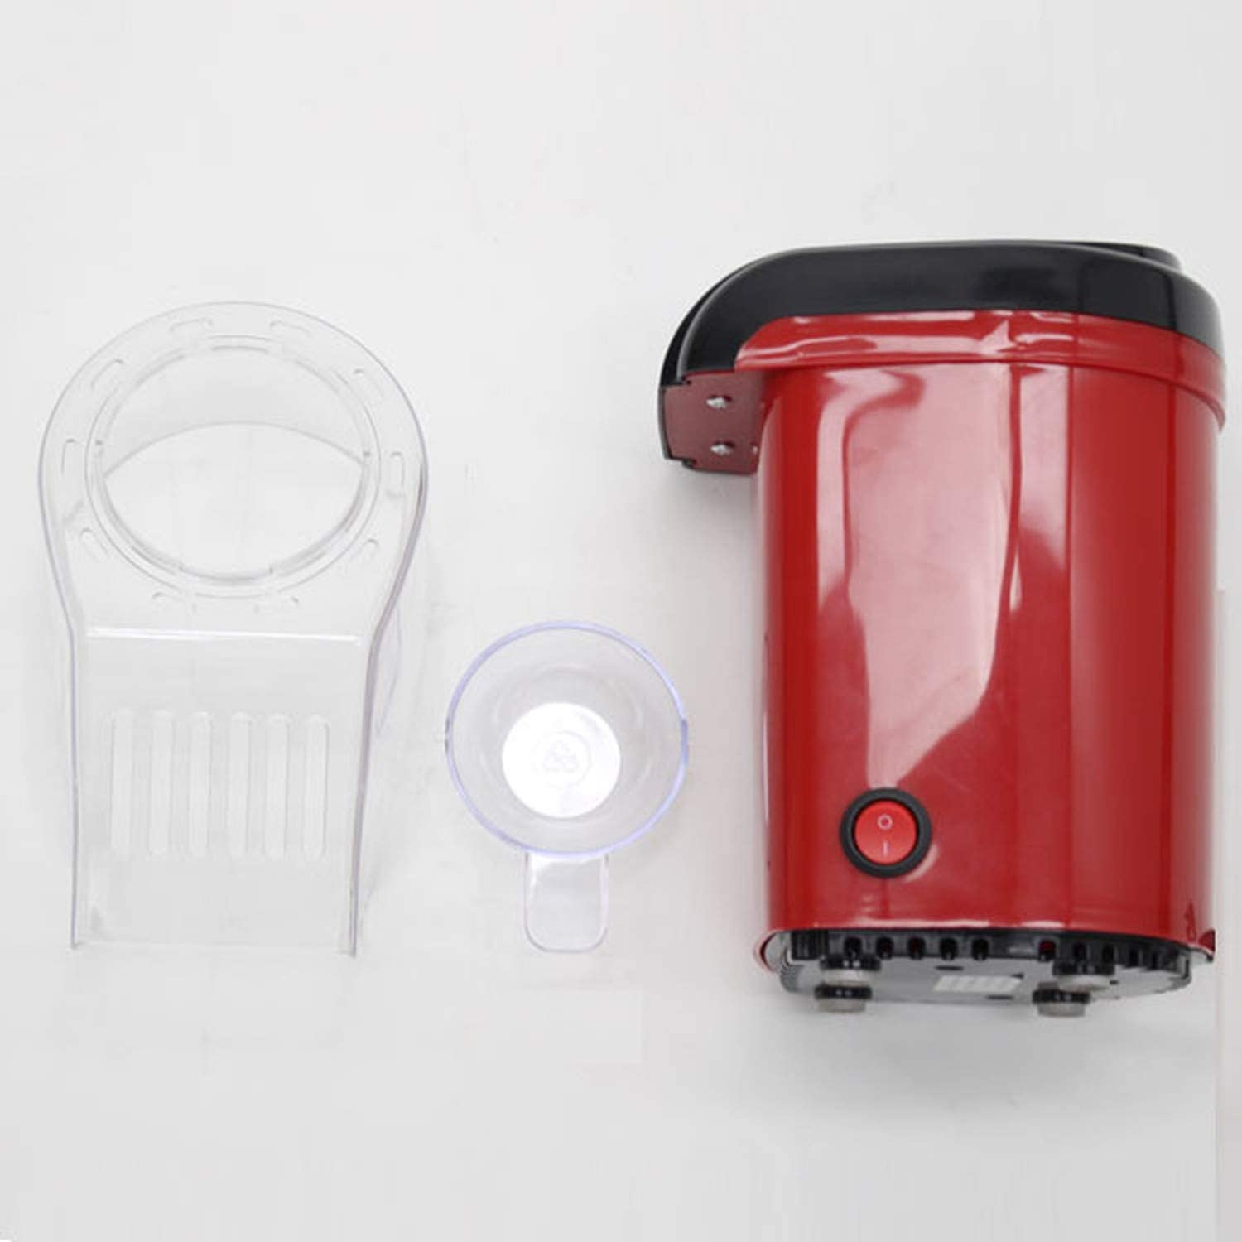 ROOMMATE(ルームメイト) ポップコーンメーカー i001 レッドの商品画像5